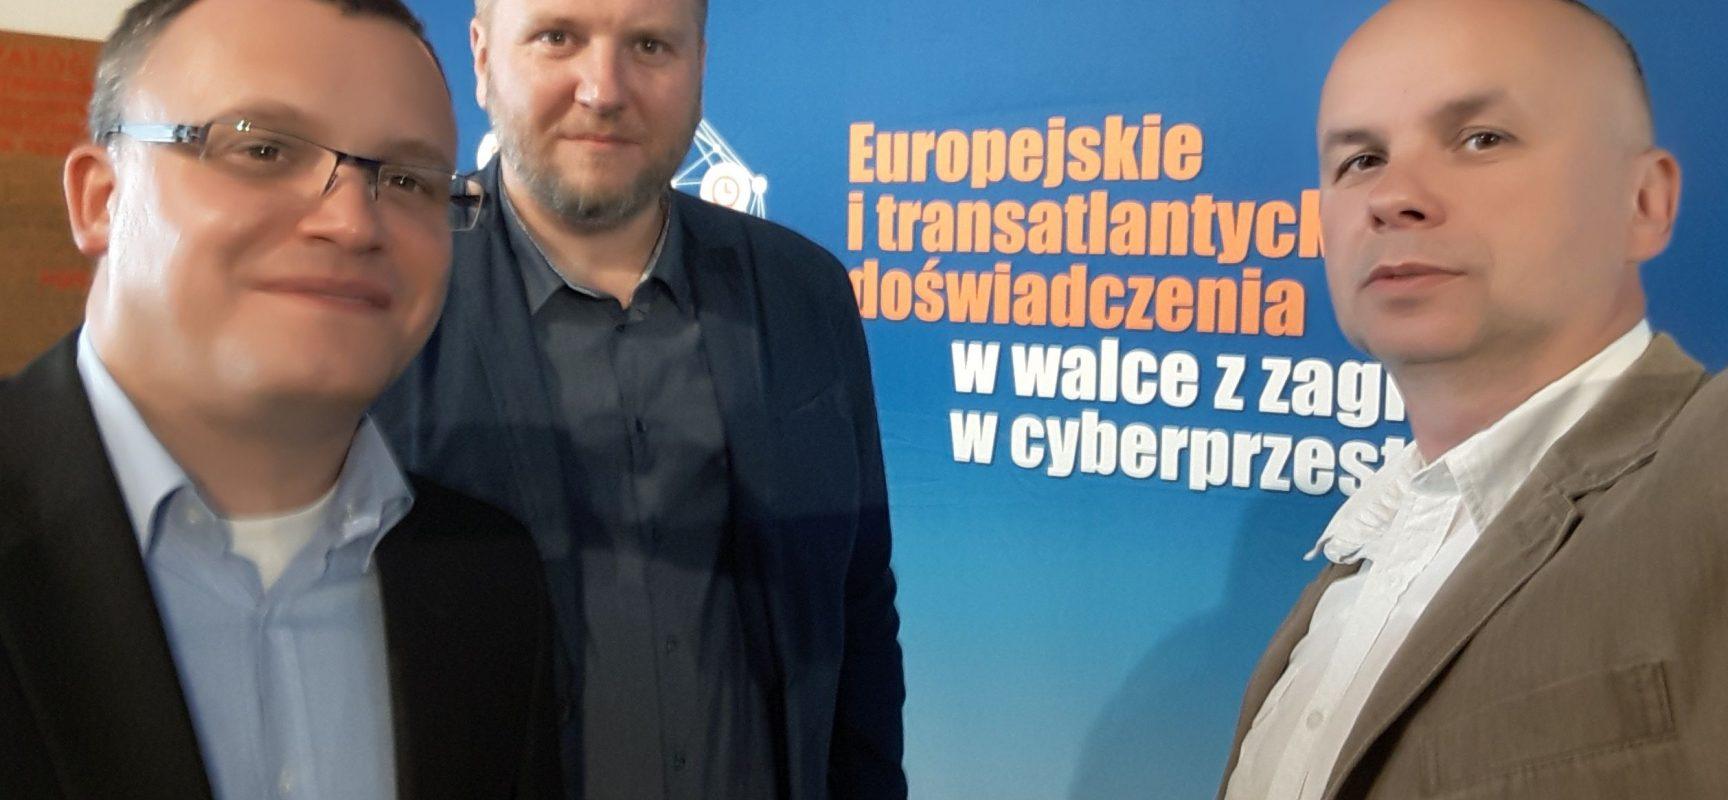 StopFake на конференции «Европейский и трансатлантический опыт борьбы с угрозами в киберпространстве»